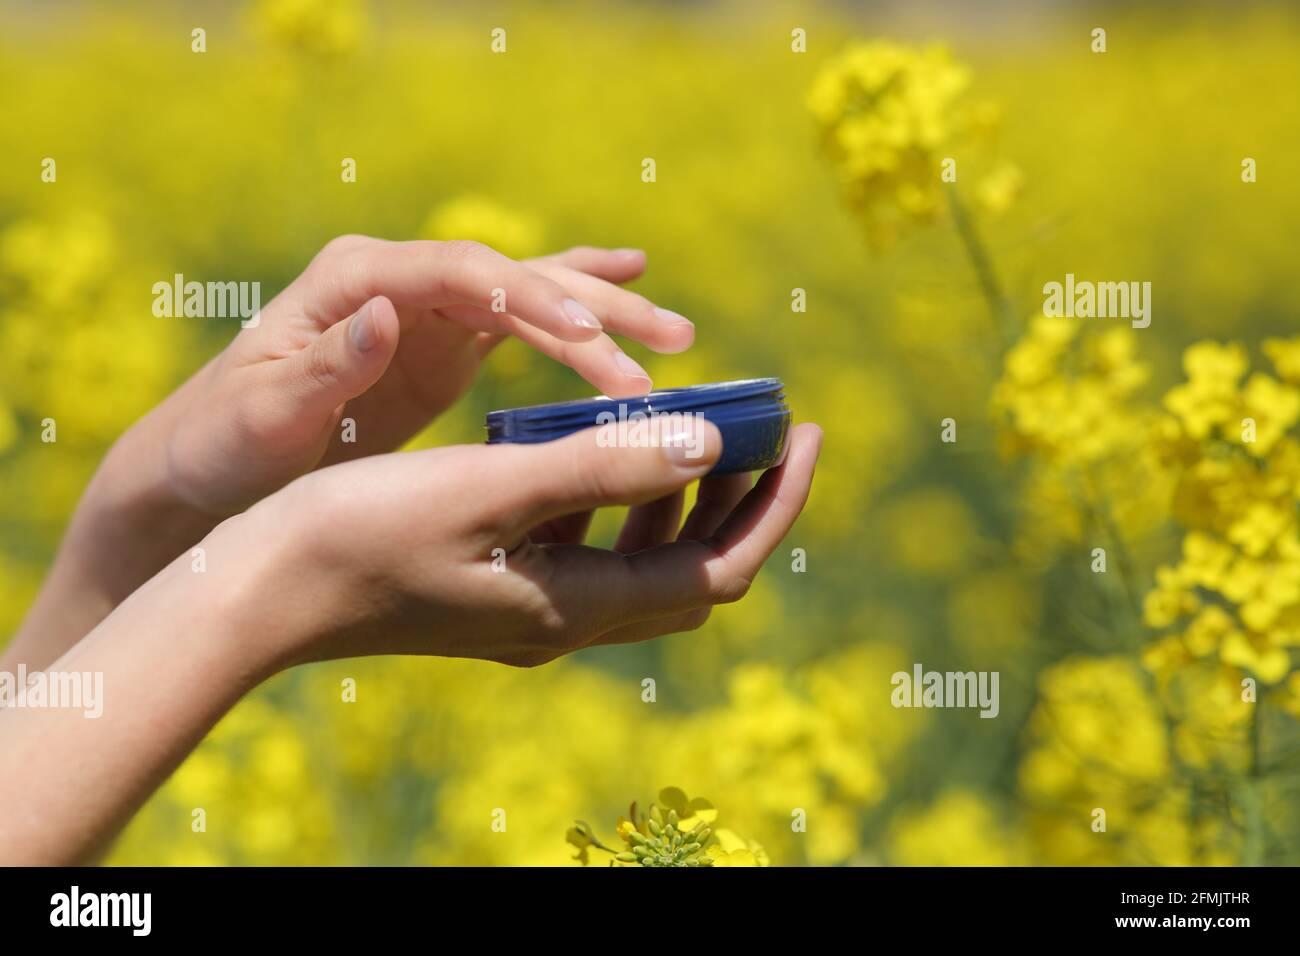 Primo piano di una mano donna che tiene il vaso idratante in un campo giallo nella stagione primaverile Foto Stock